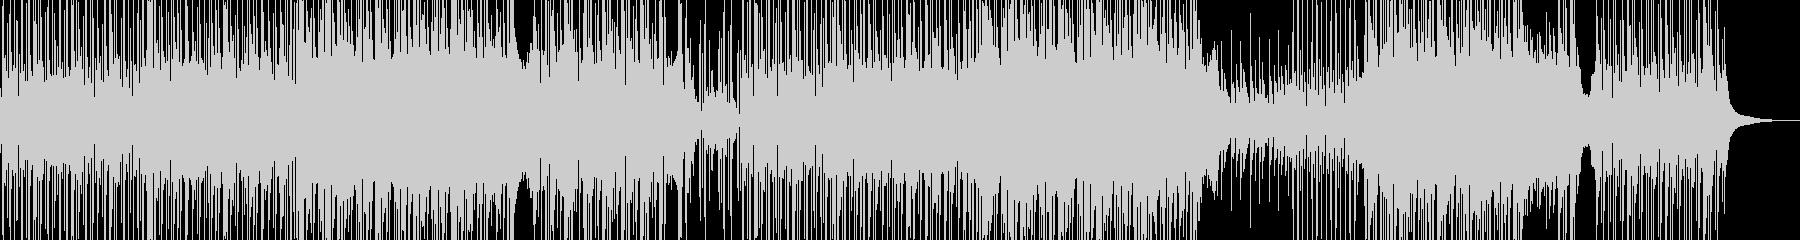 爽やかギター・聞き流せるポップ 長尺★の未再生の波形